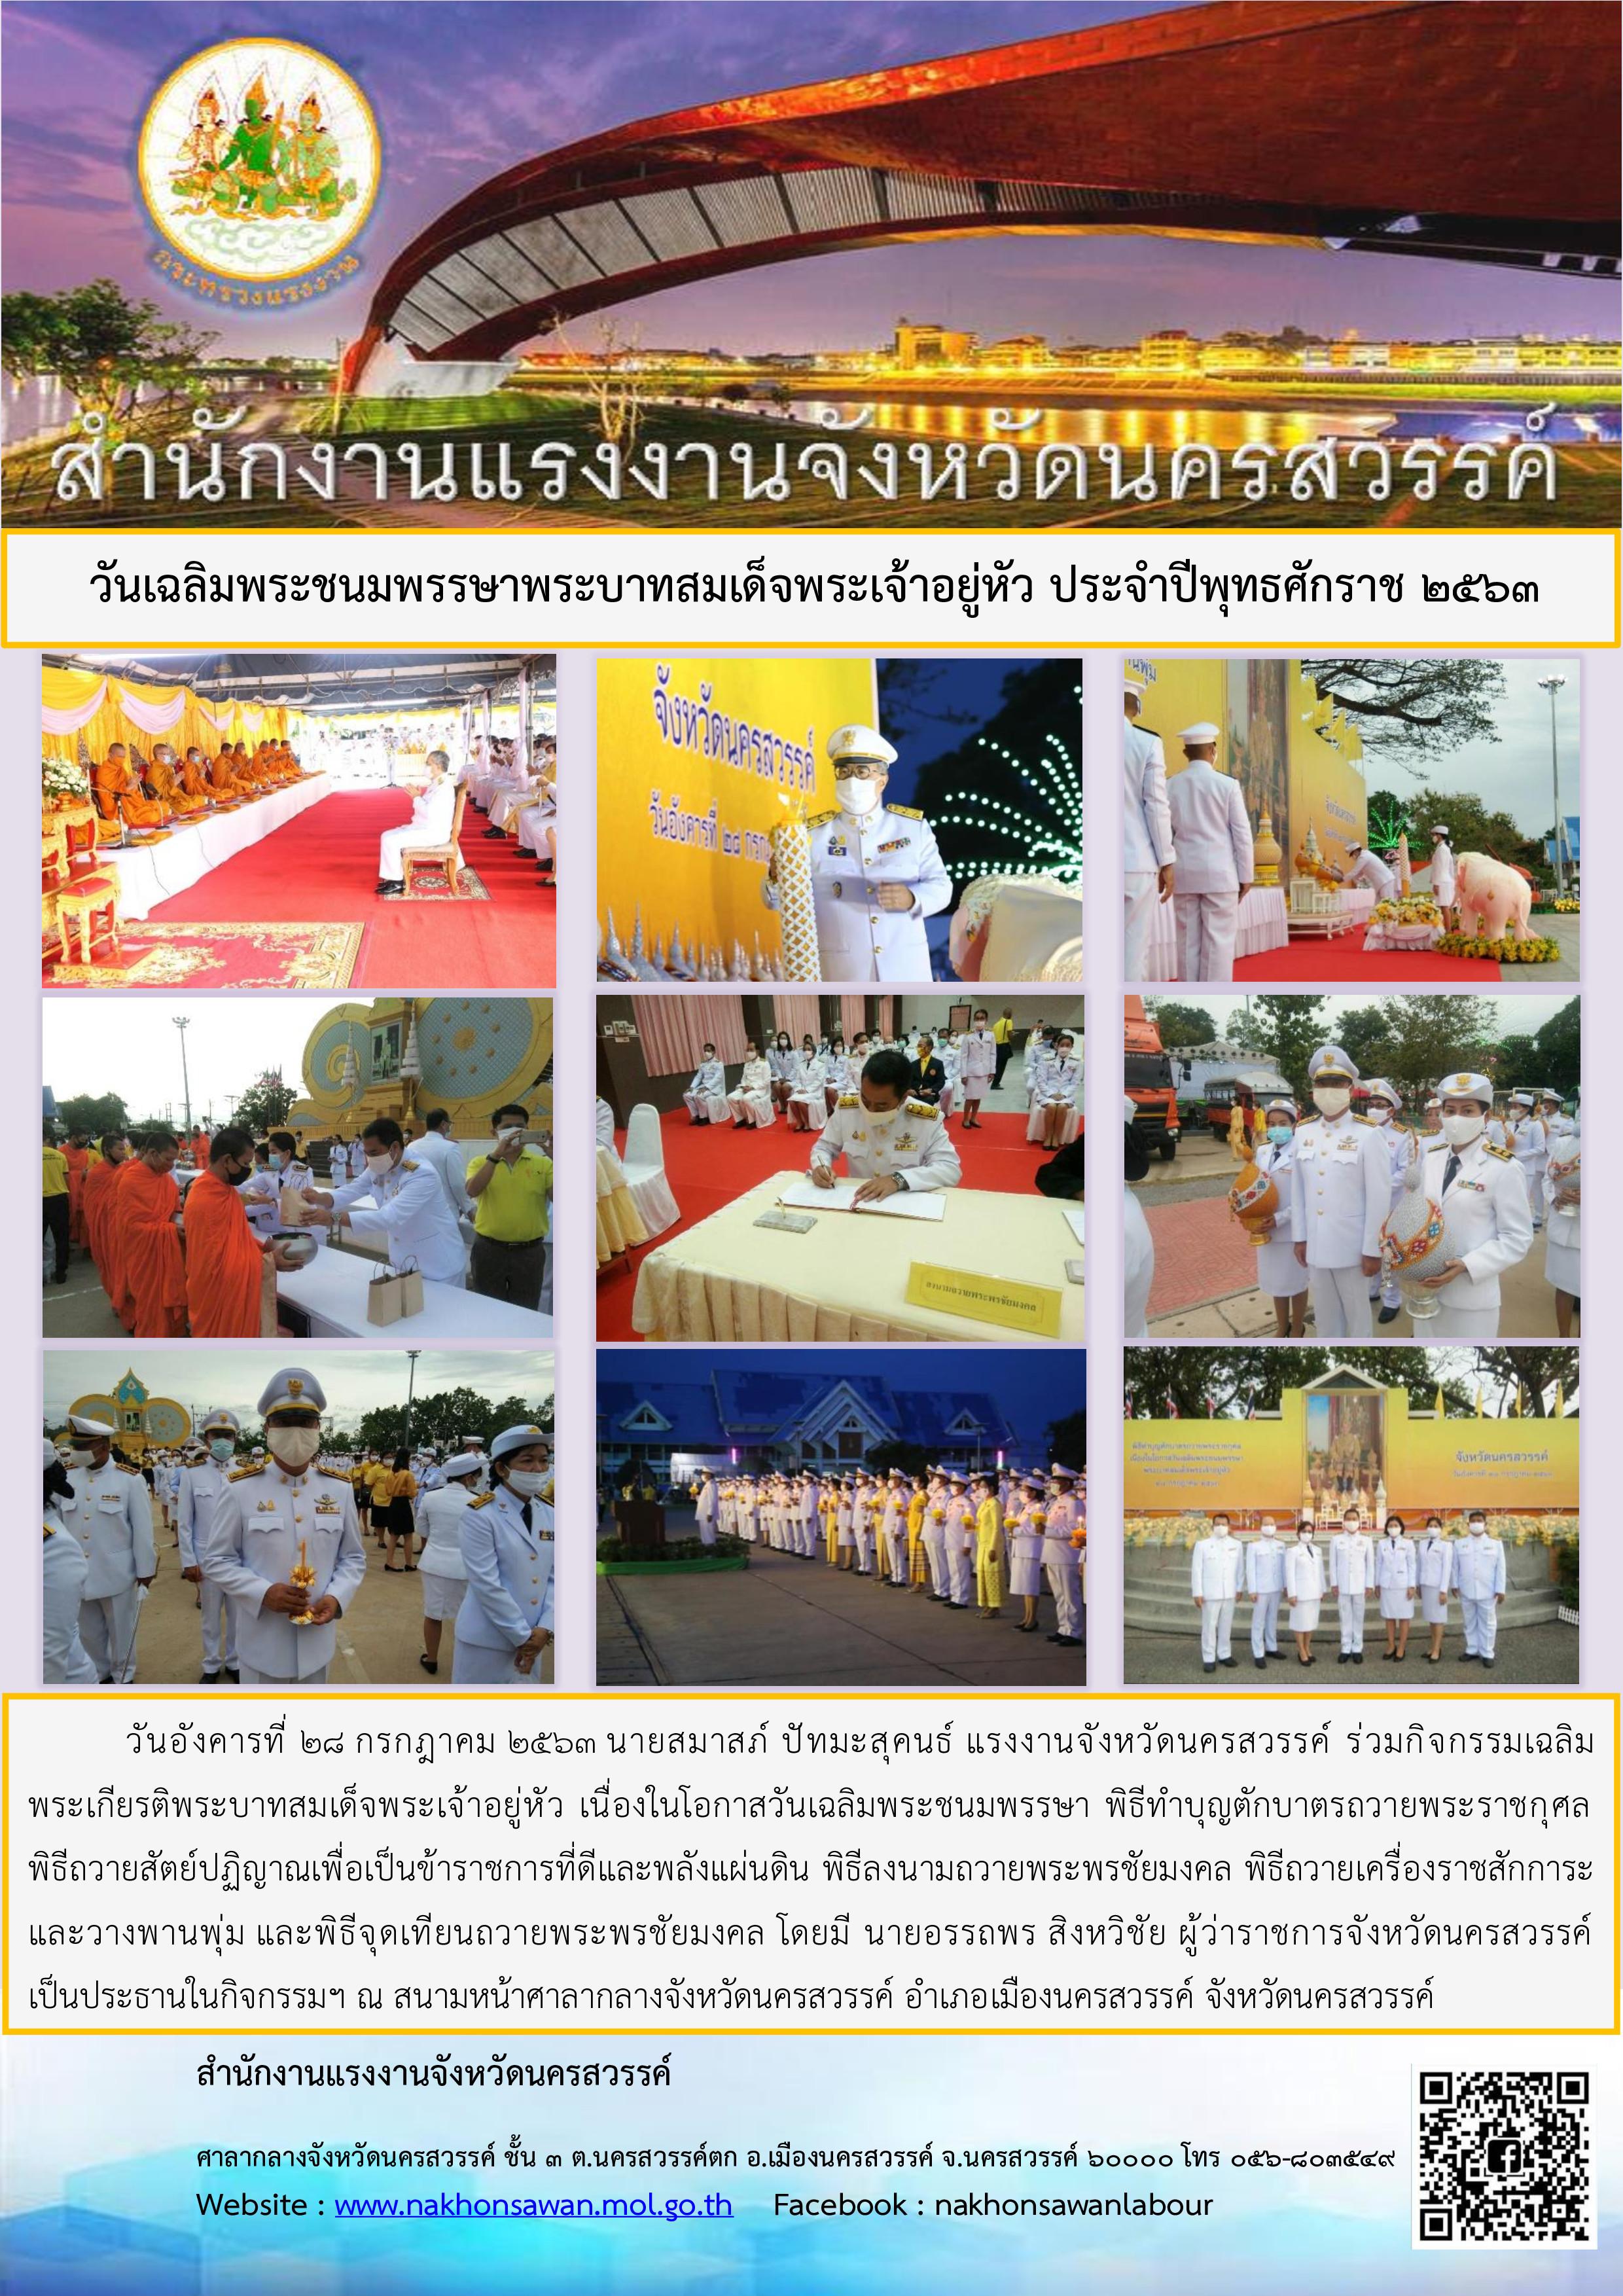 สำนักงานแรงงานจังหวัดนครสวรรค์ เข้าร่วมพิธีวันเฉลิมพระชนมพรรษาพระบาทสมเด็จพระเจ้าอยู่หัว ประจำปีพุทธศักราช 2563